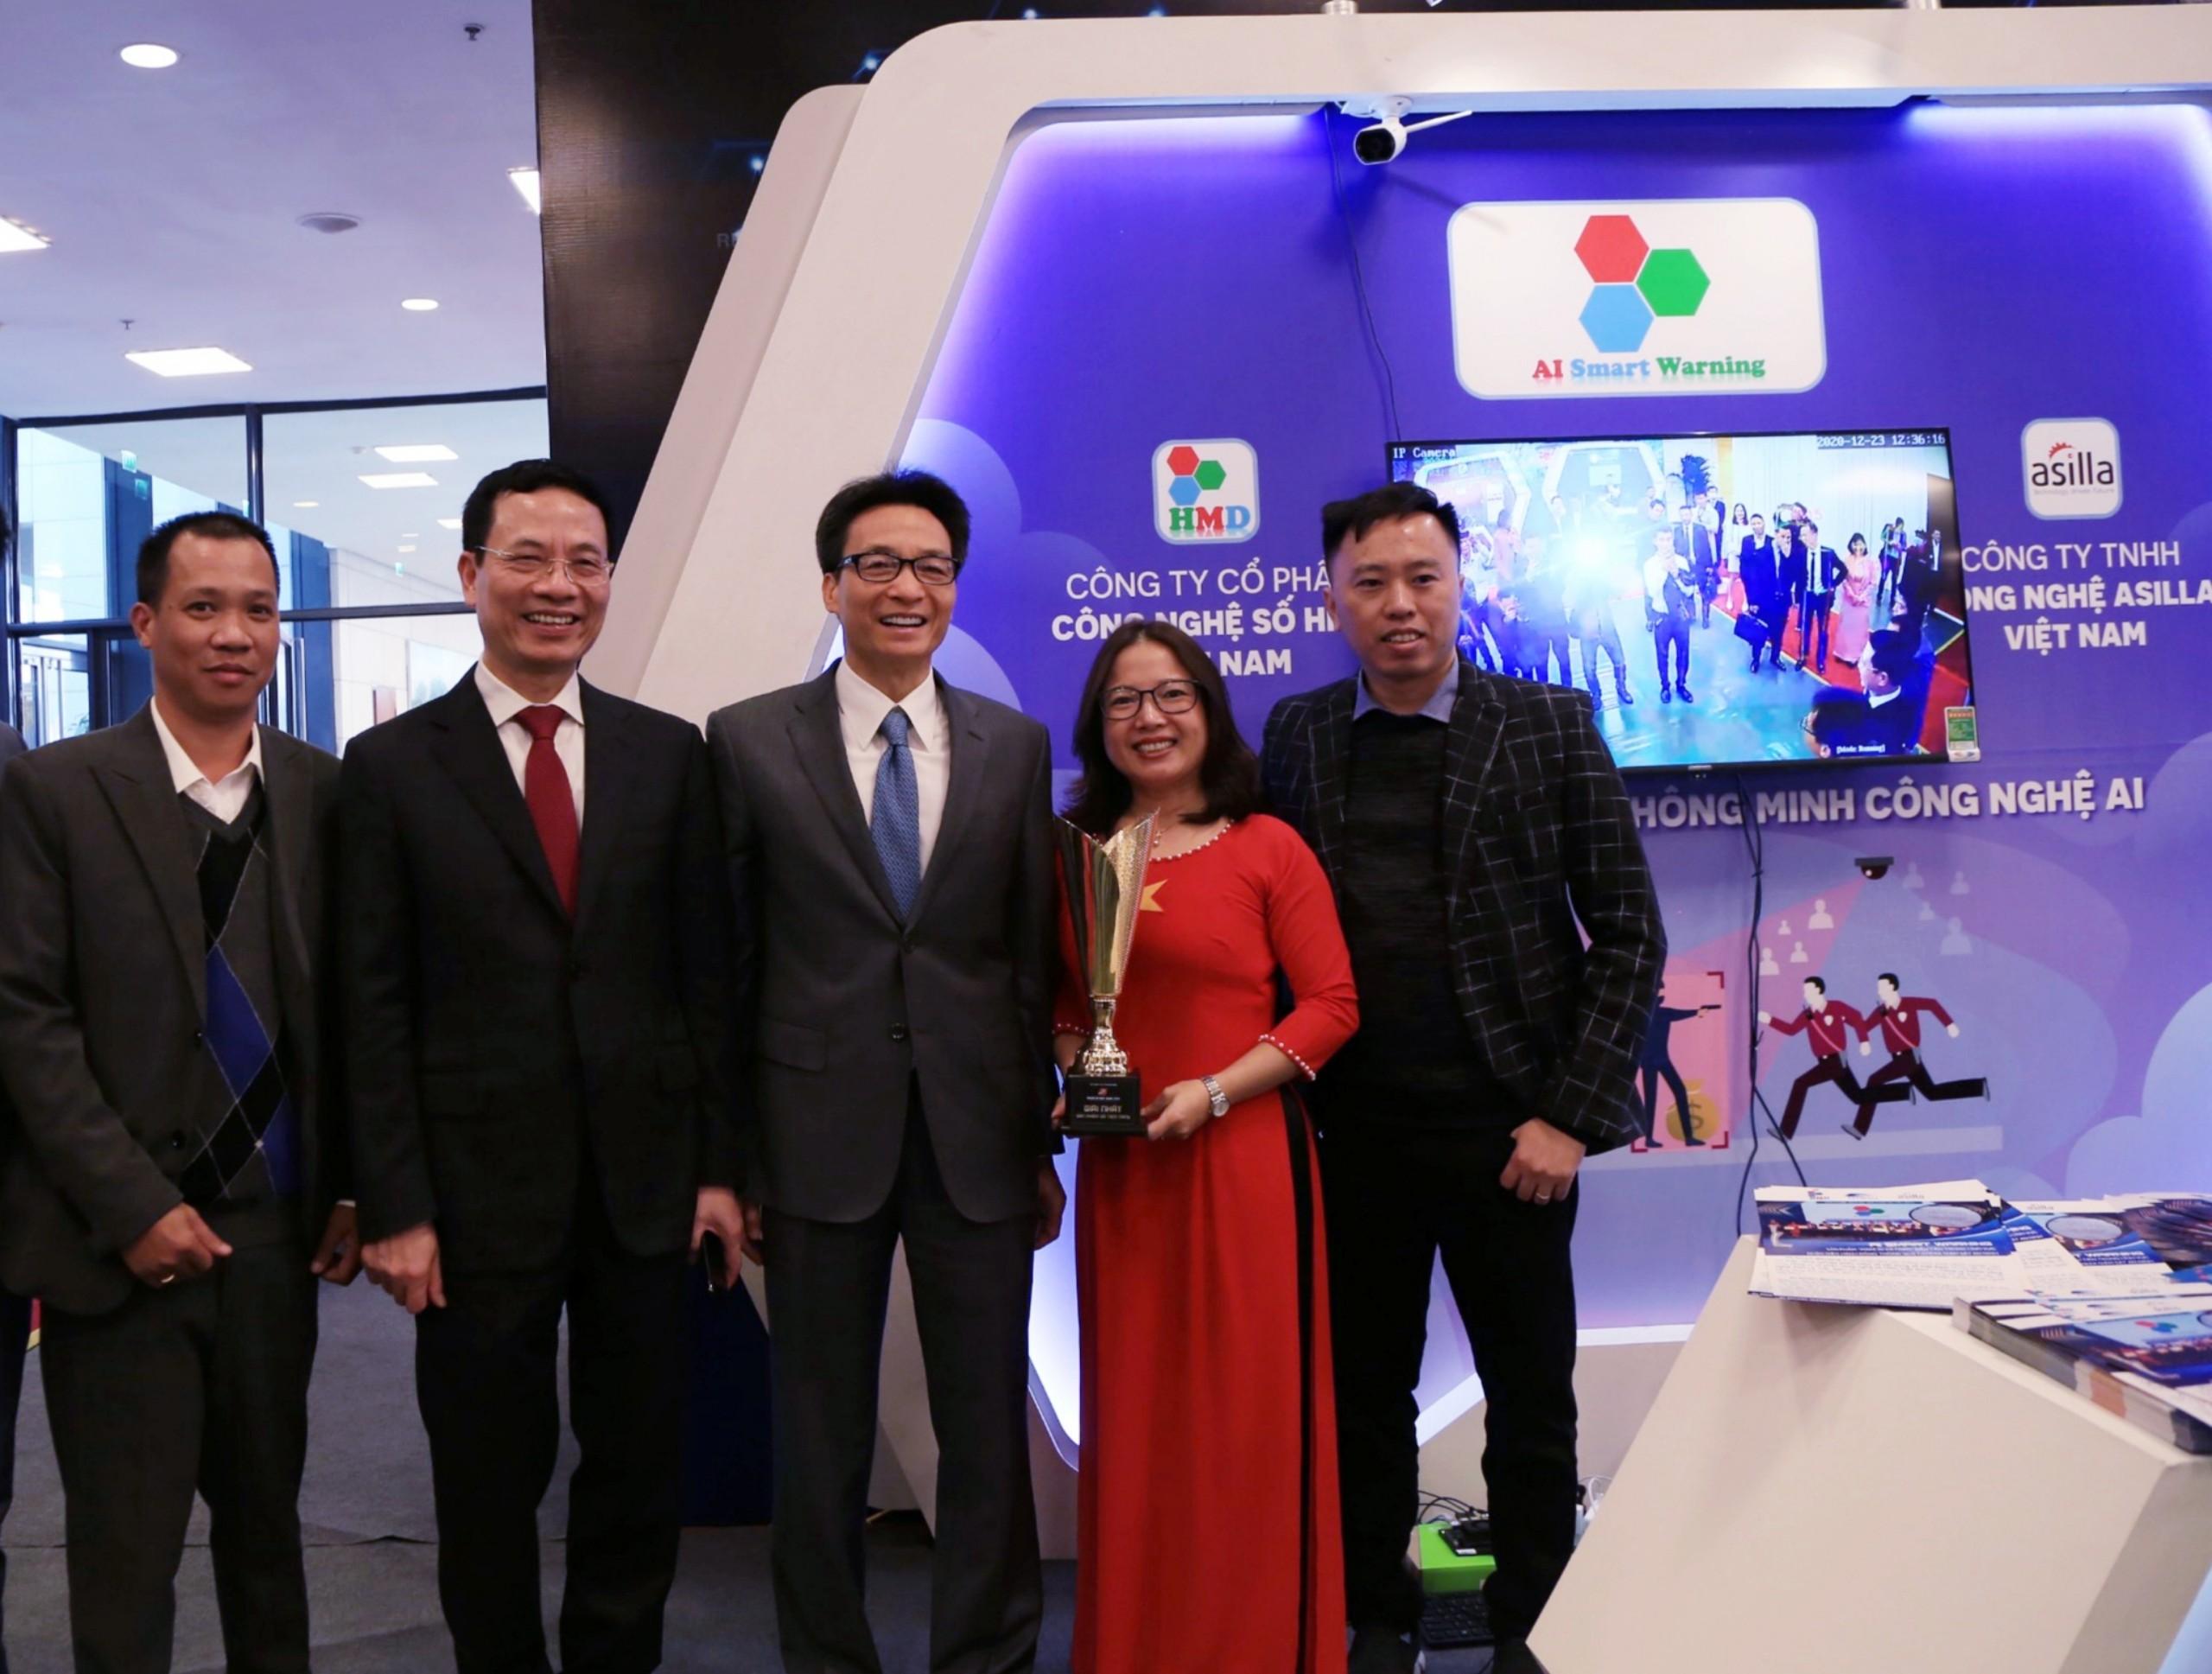 """AI SMART WARNING được vinh dự là một trong 5 sản phẩm """"Make In VietNam"""" xuất sắc 2020"""